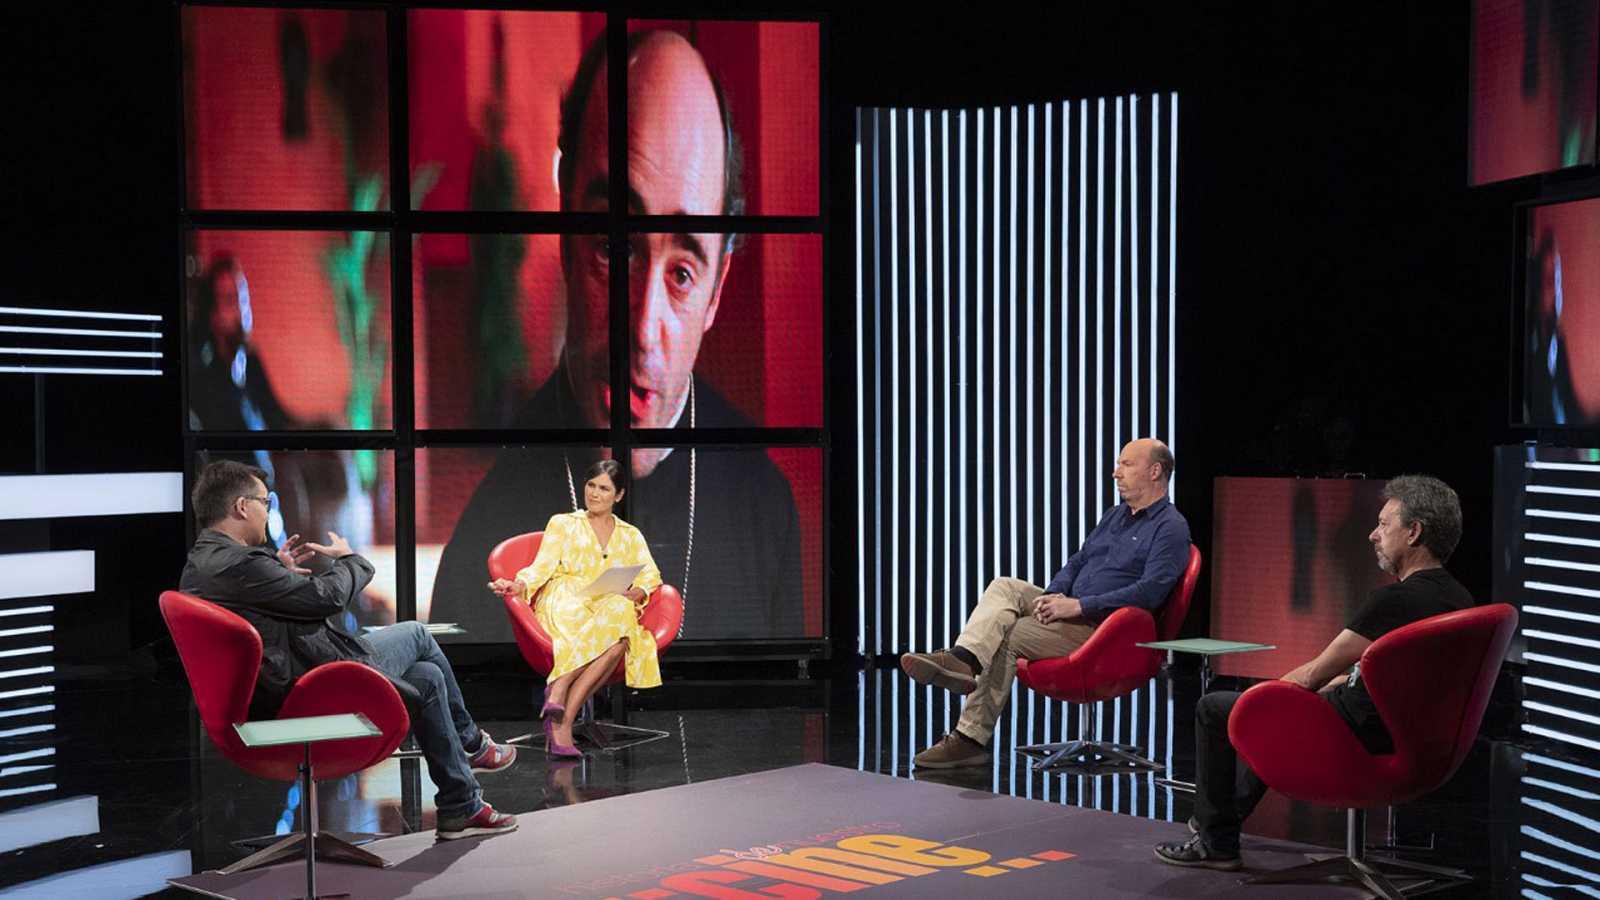 Historia de nuestro cine - Coloquio: Miedo al terror - ver ahora